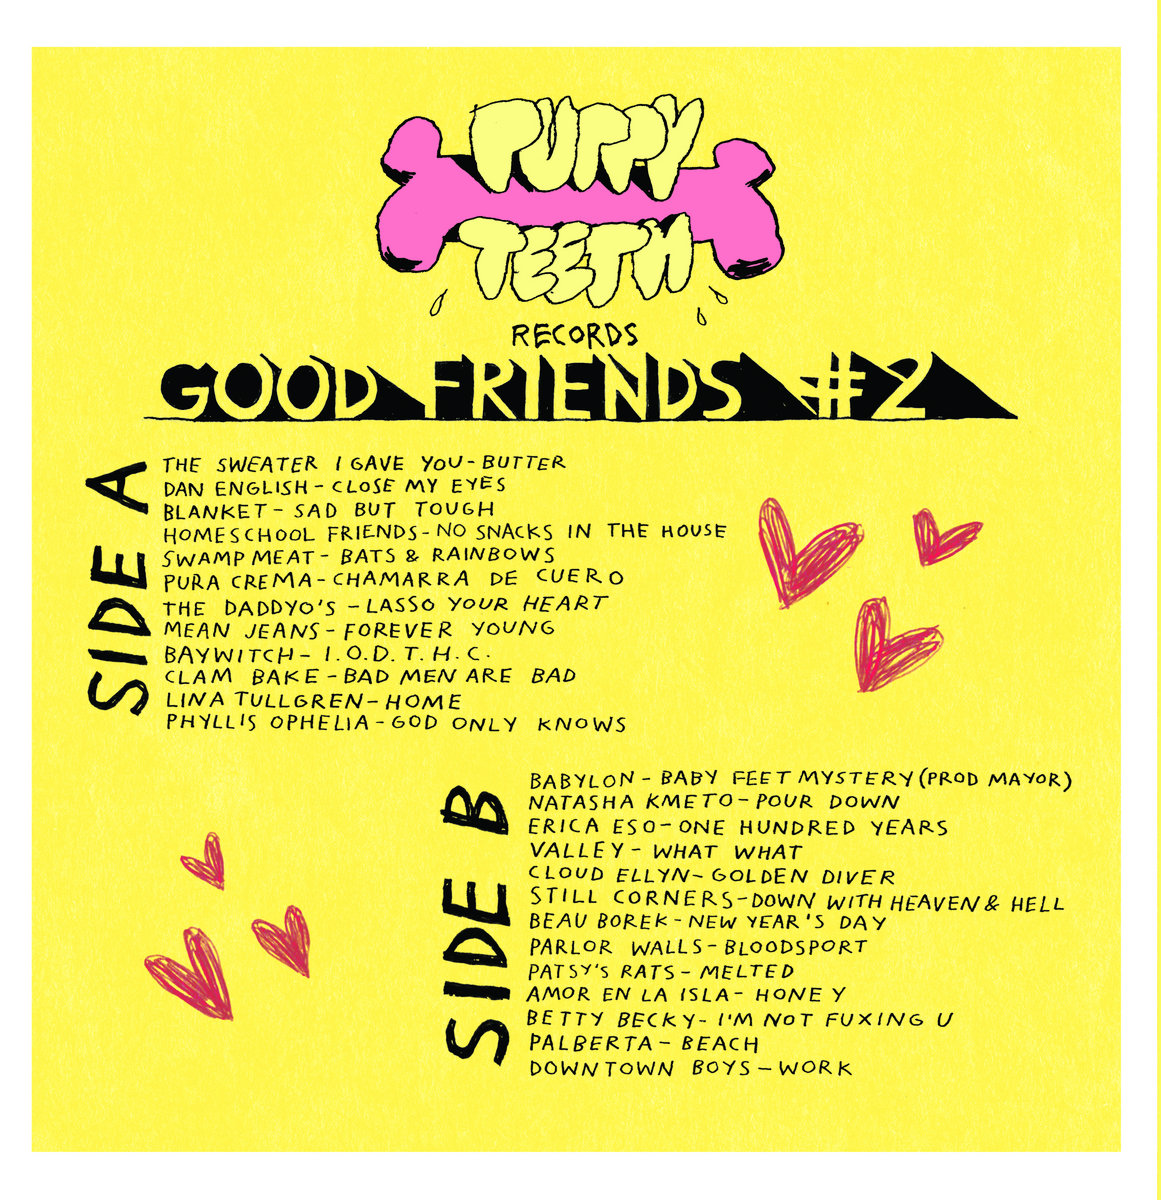 Puppy Teeth Records